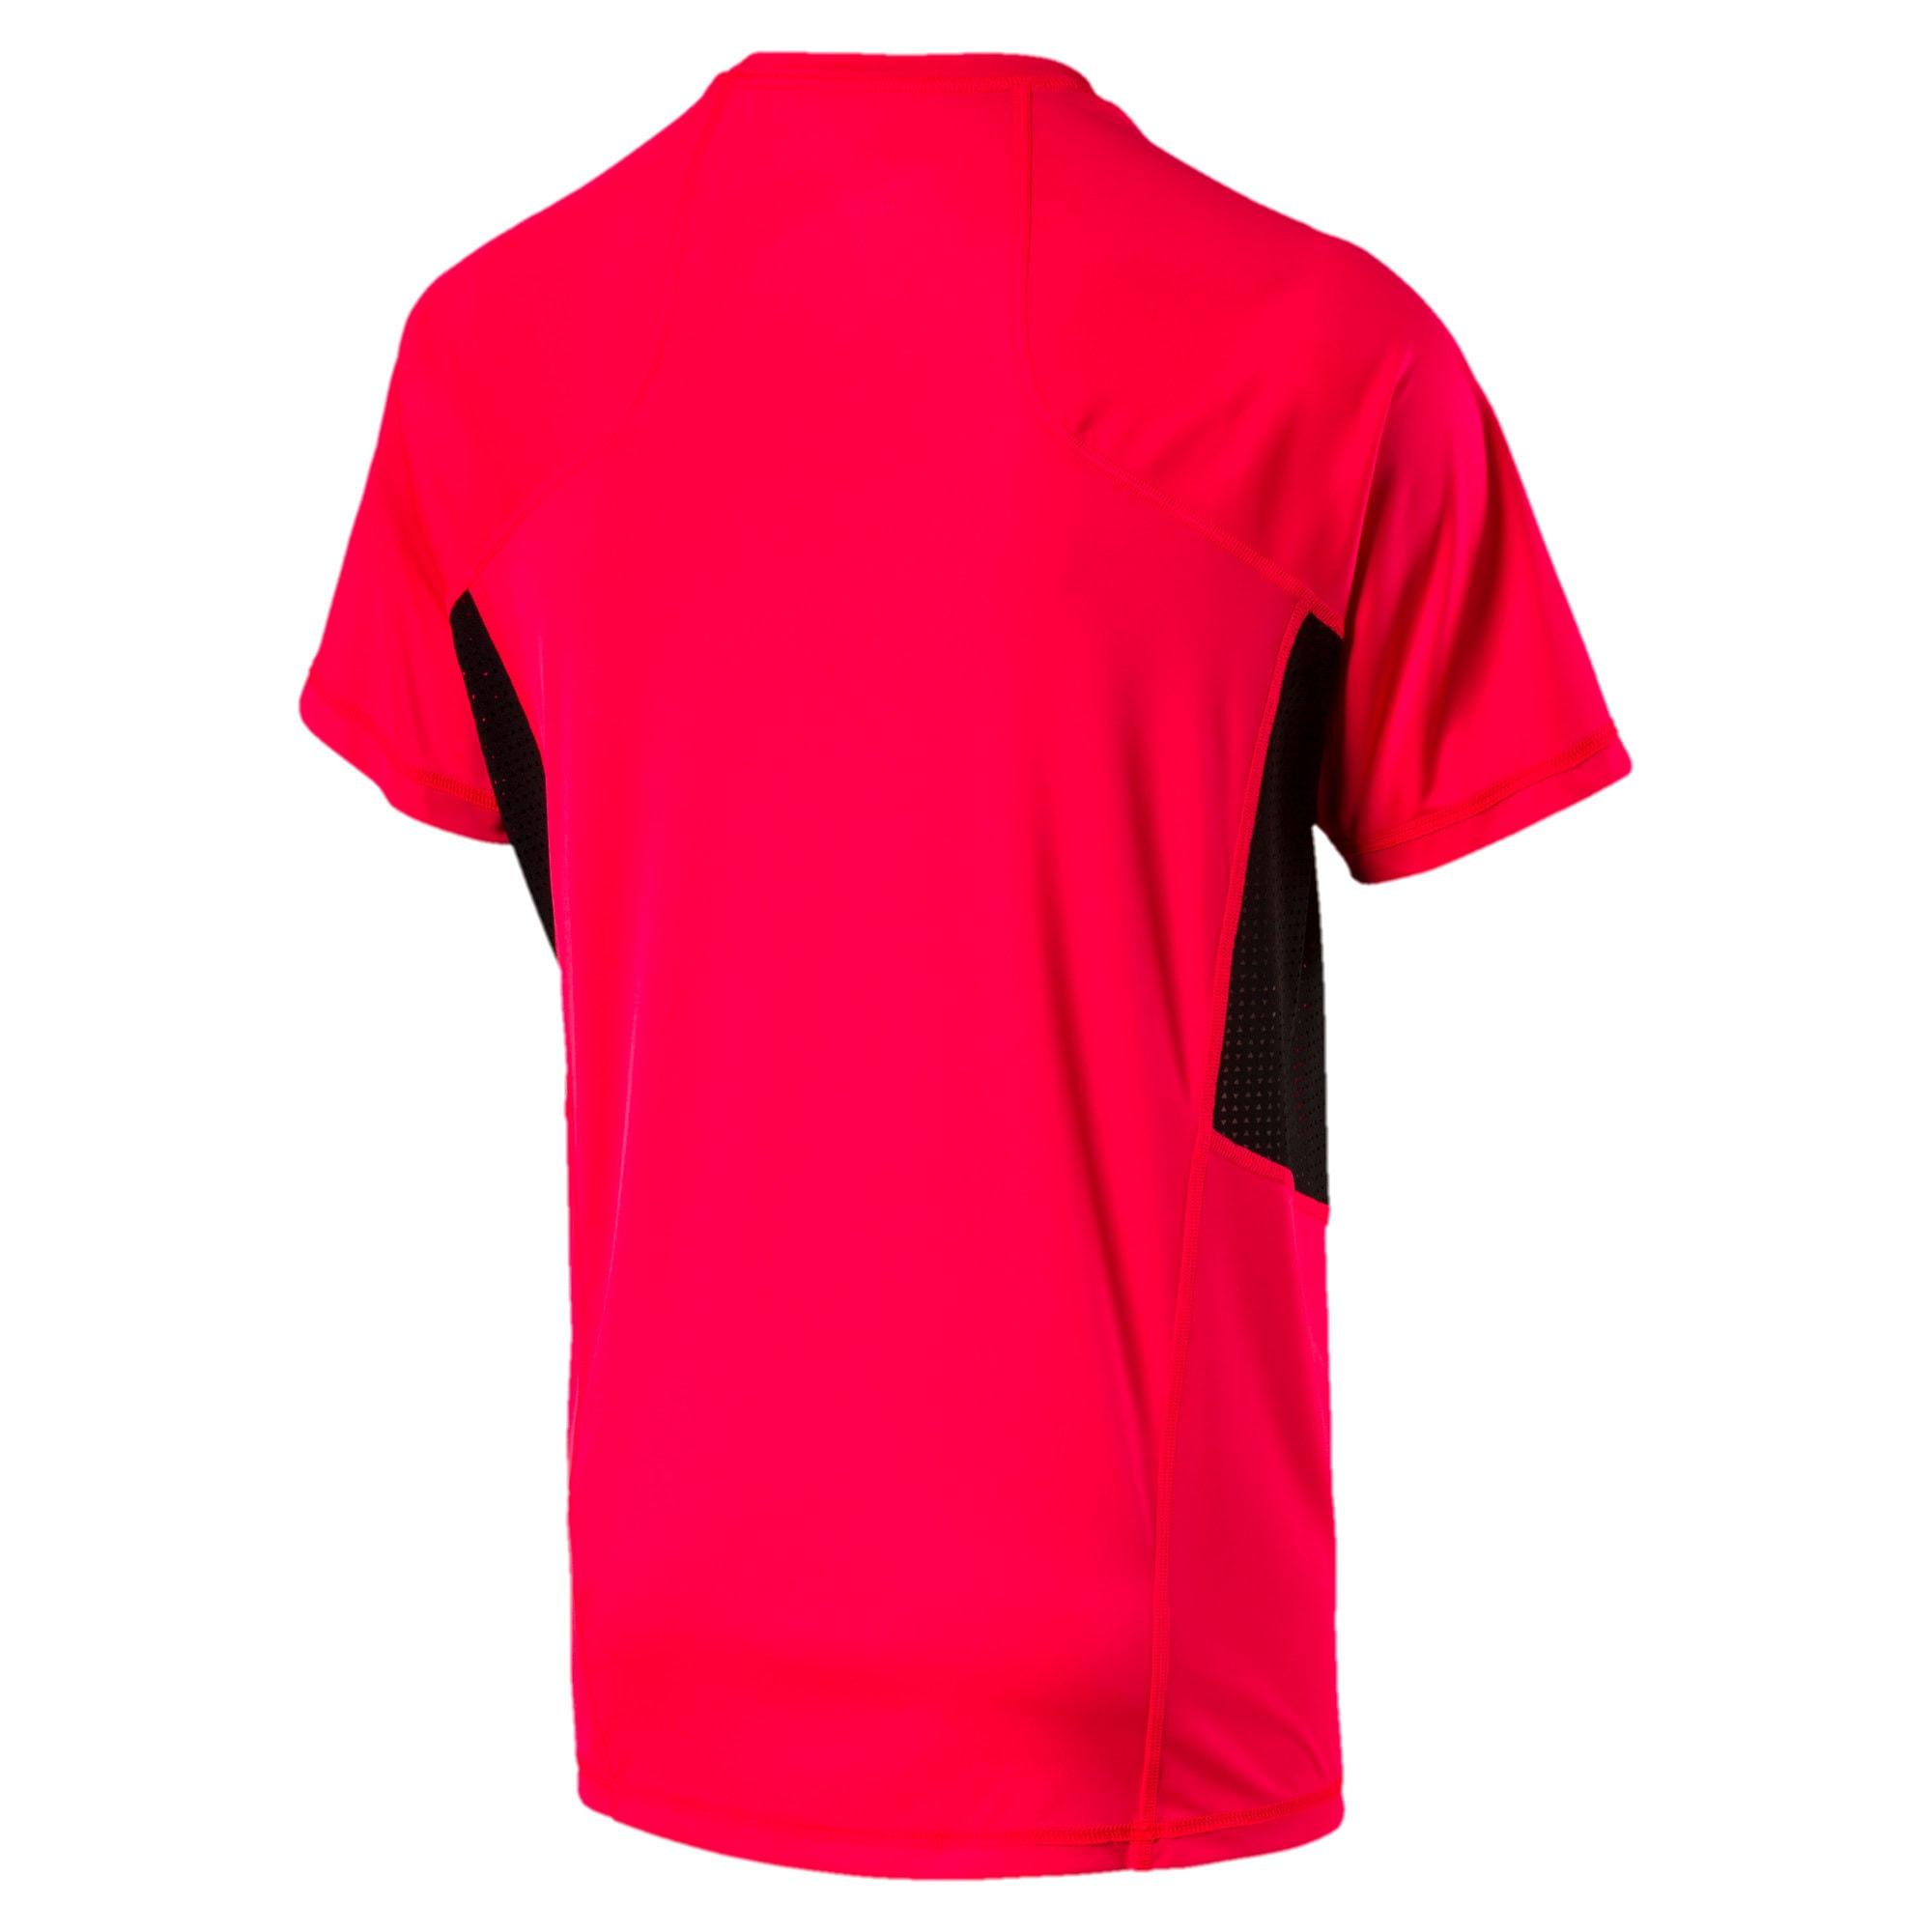 Thumbnail 4 of Active Training Men's Vent Cat T-Shirt, Bright Plasma, medium-IND